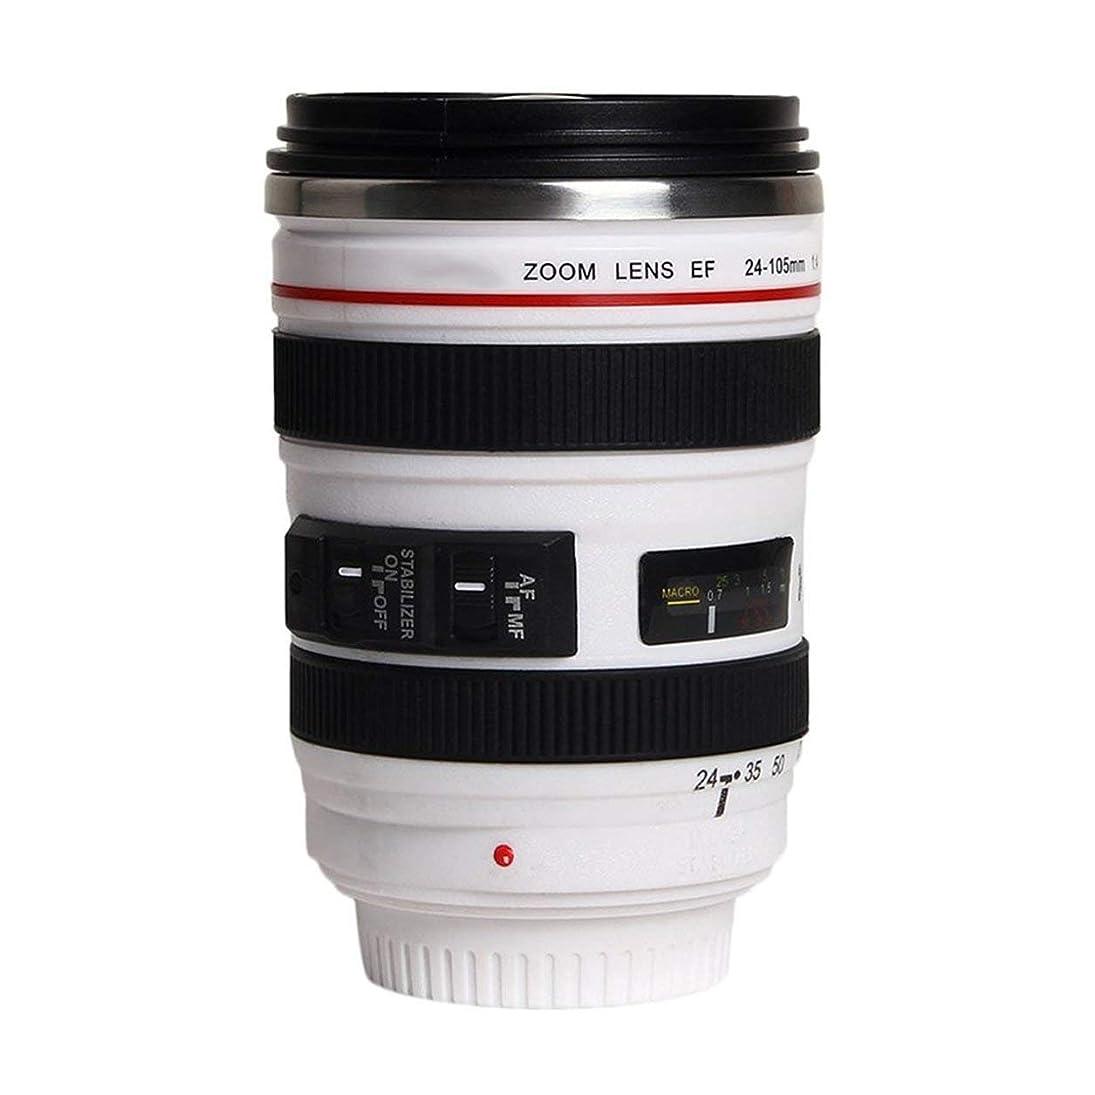 マントヒステリックつぶやきSaikogoods ファッション1PCS耐久DIYステンレス鋼真空フラスコ旅行コーヒーマグカップ水コーヒーティーカメラレンズカップのふたギフト付き 白